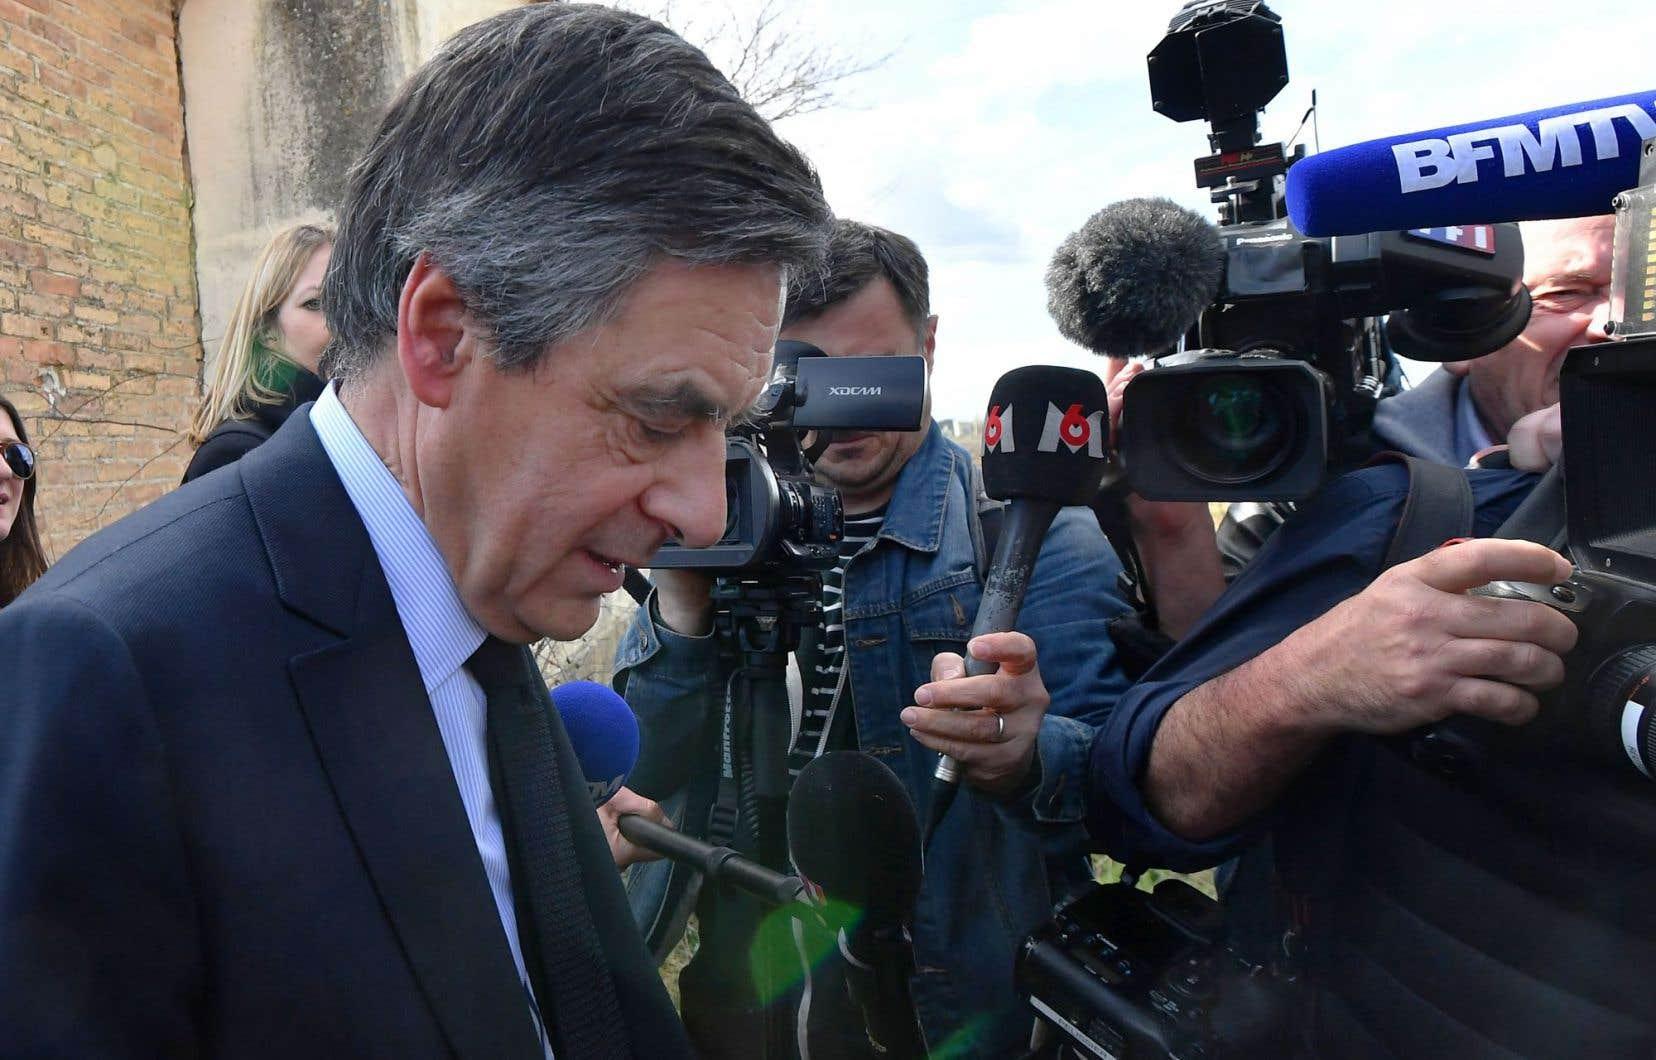 Toute la journée de vendredi, les appels à la démission de François Fillon se sont succédé. Il est délaissé de toutes parts par les élus de la droite.